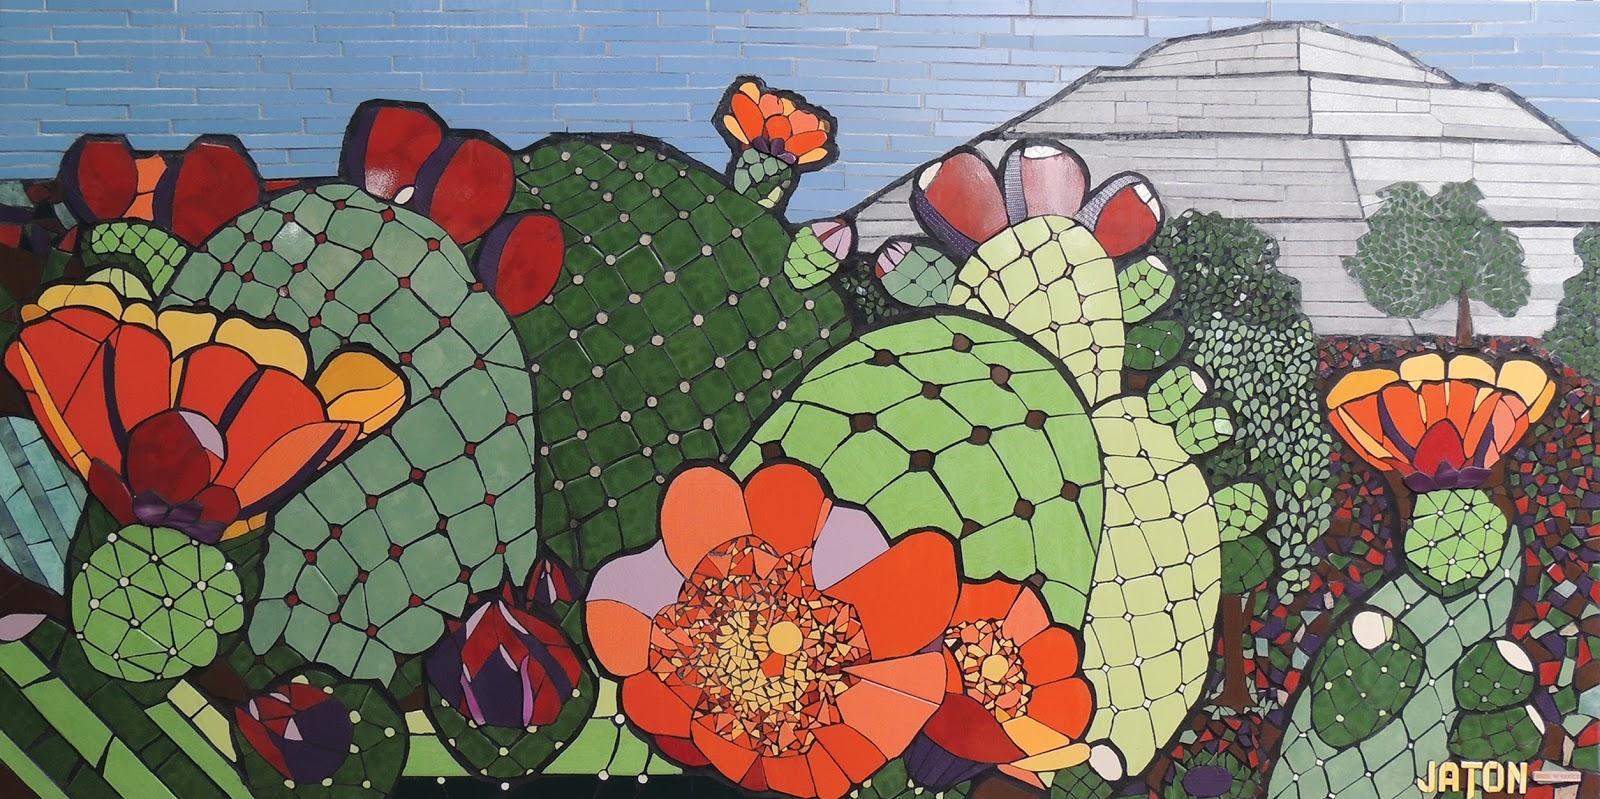 Mosaico creativo de fj mosaic art curso de muralismo en for Papeles murales con diseno de paisajes